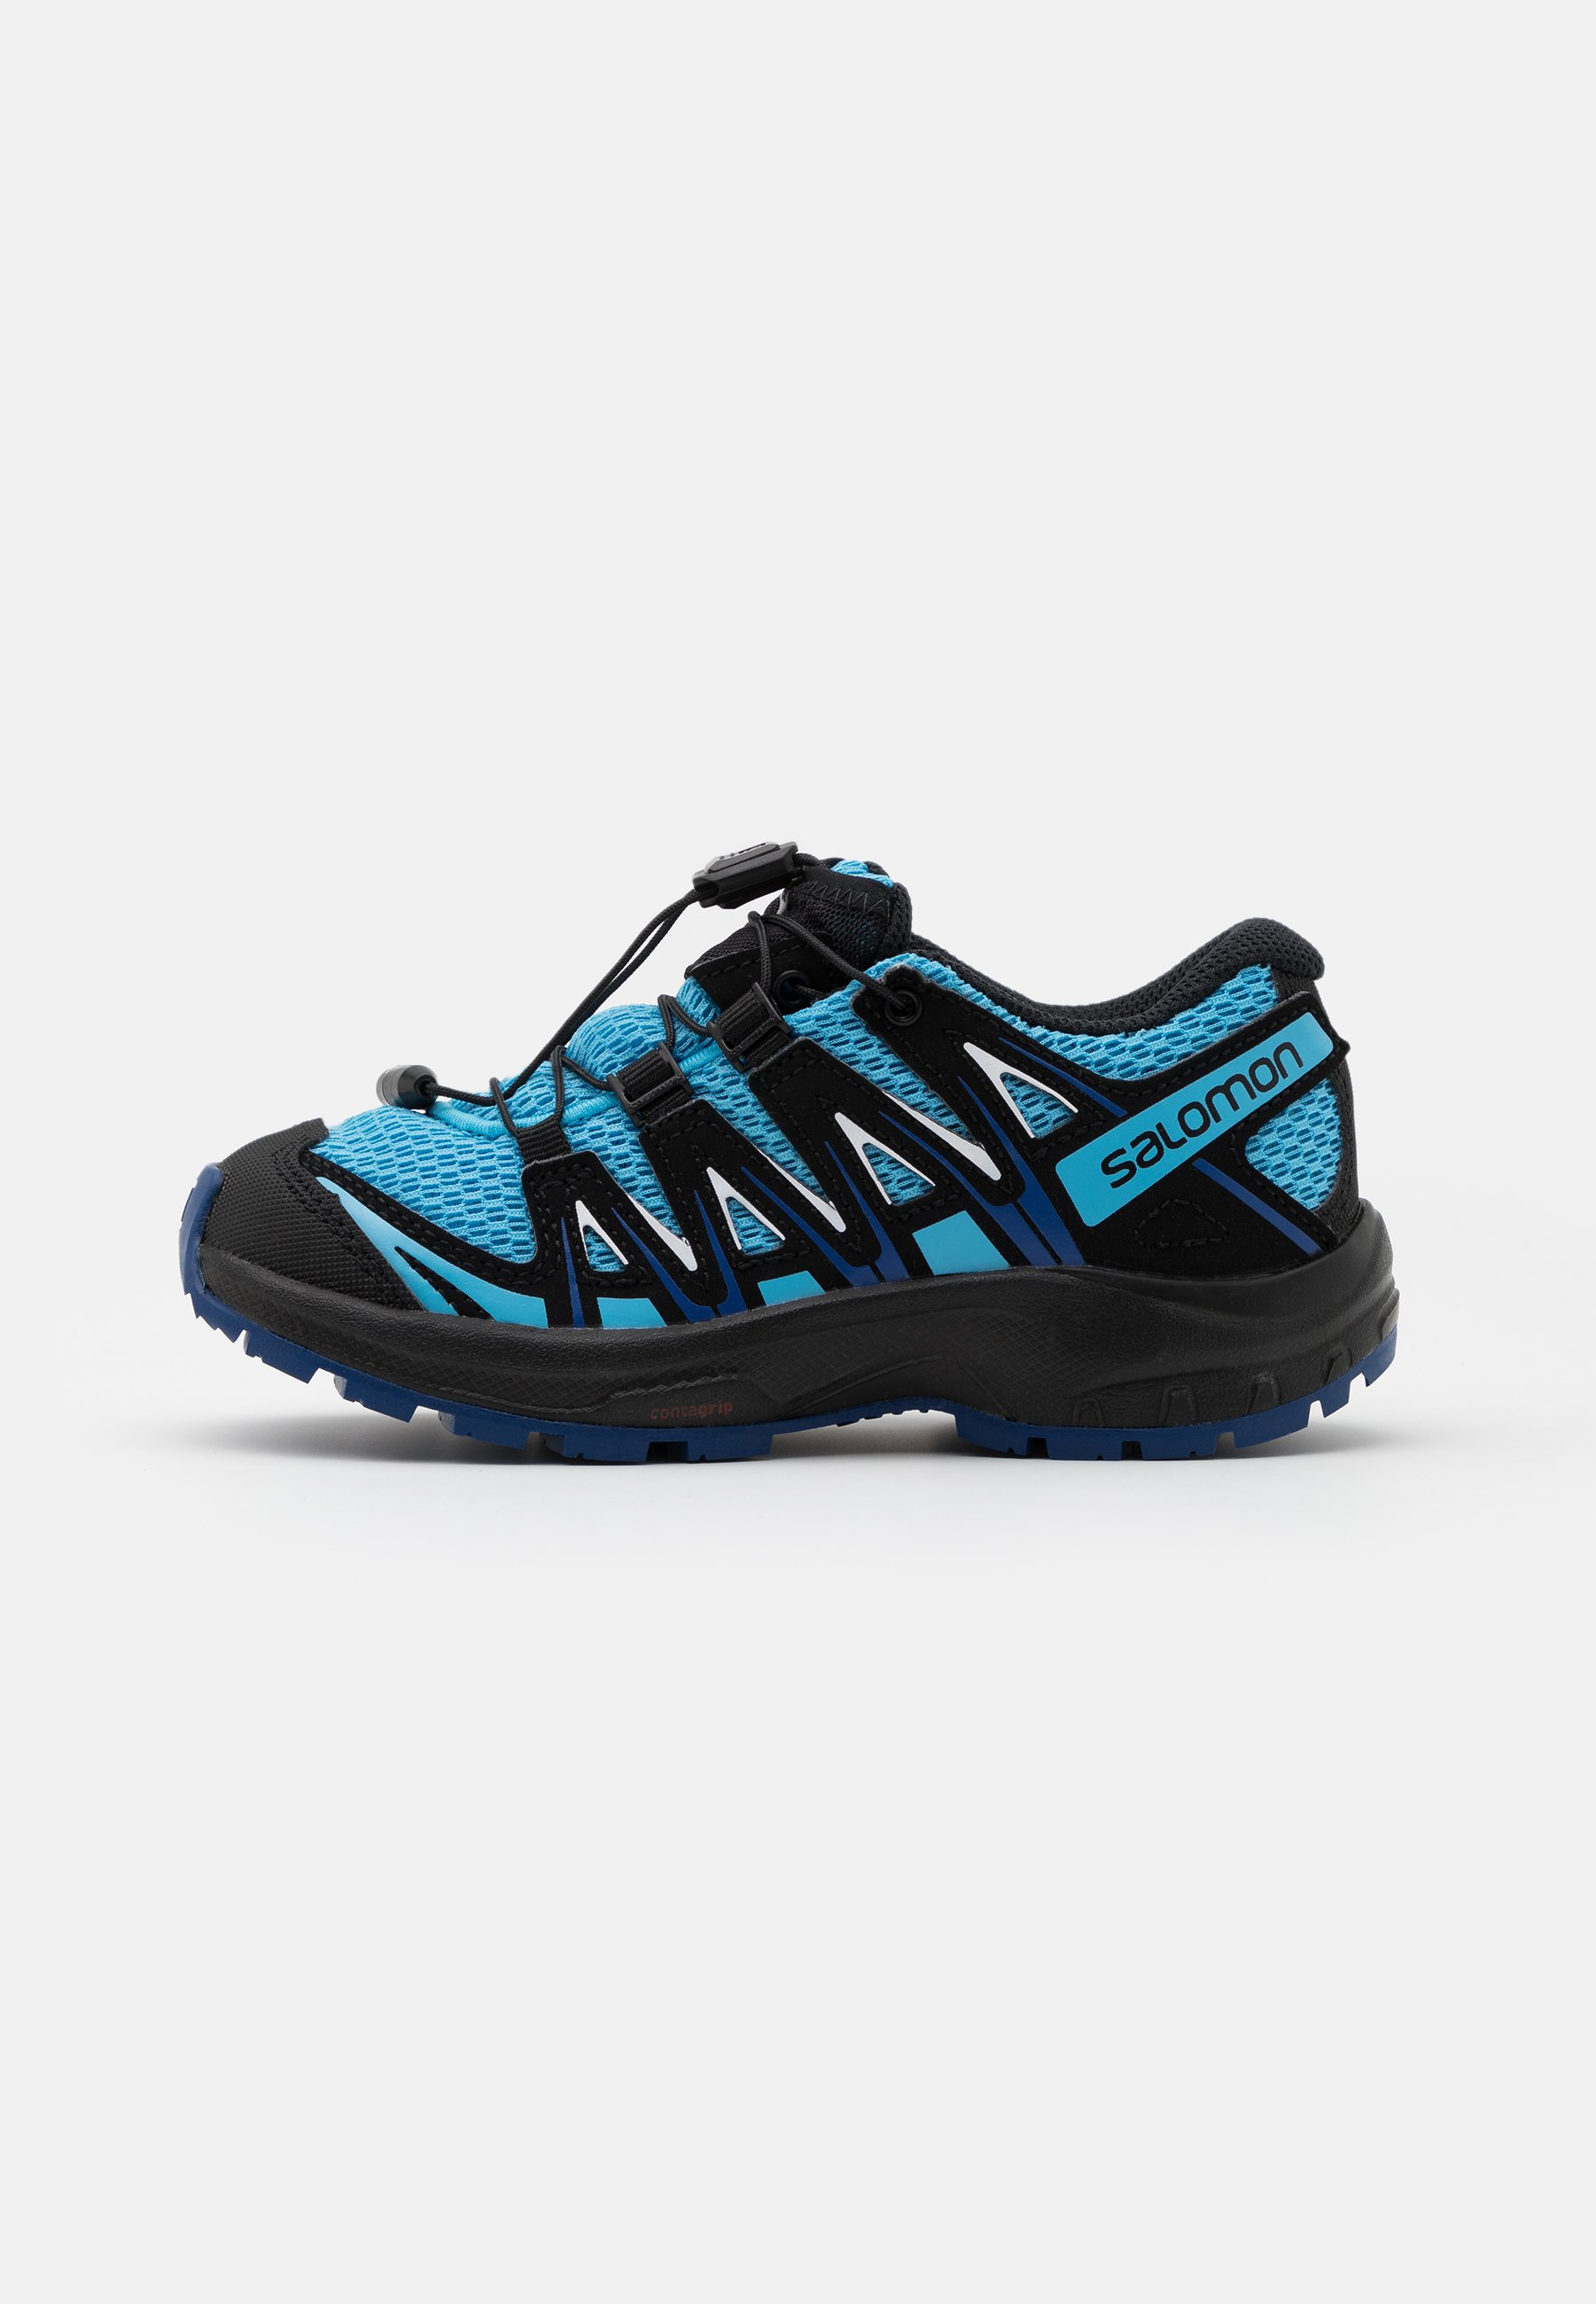 Enfant XA PRO 3D UNISEX - Chaussures de marche